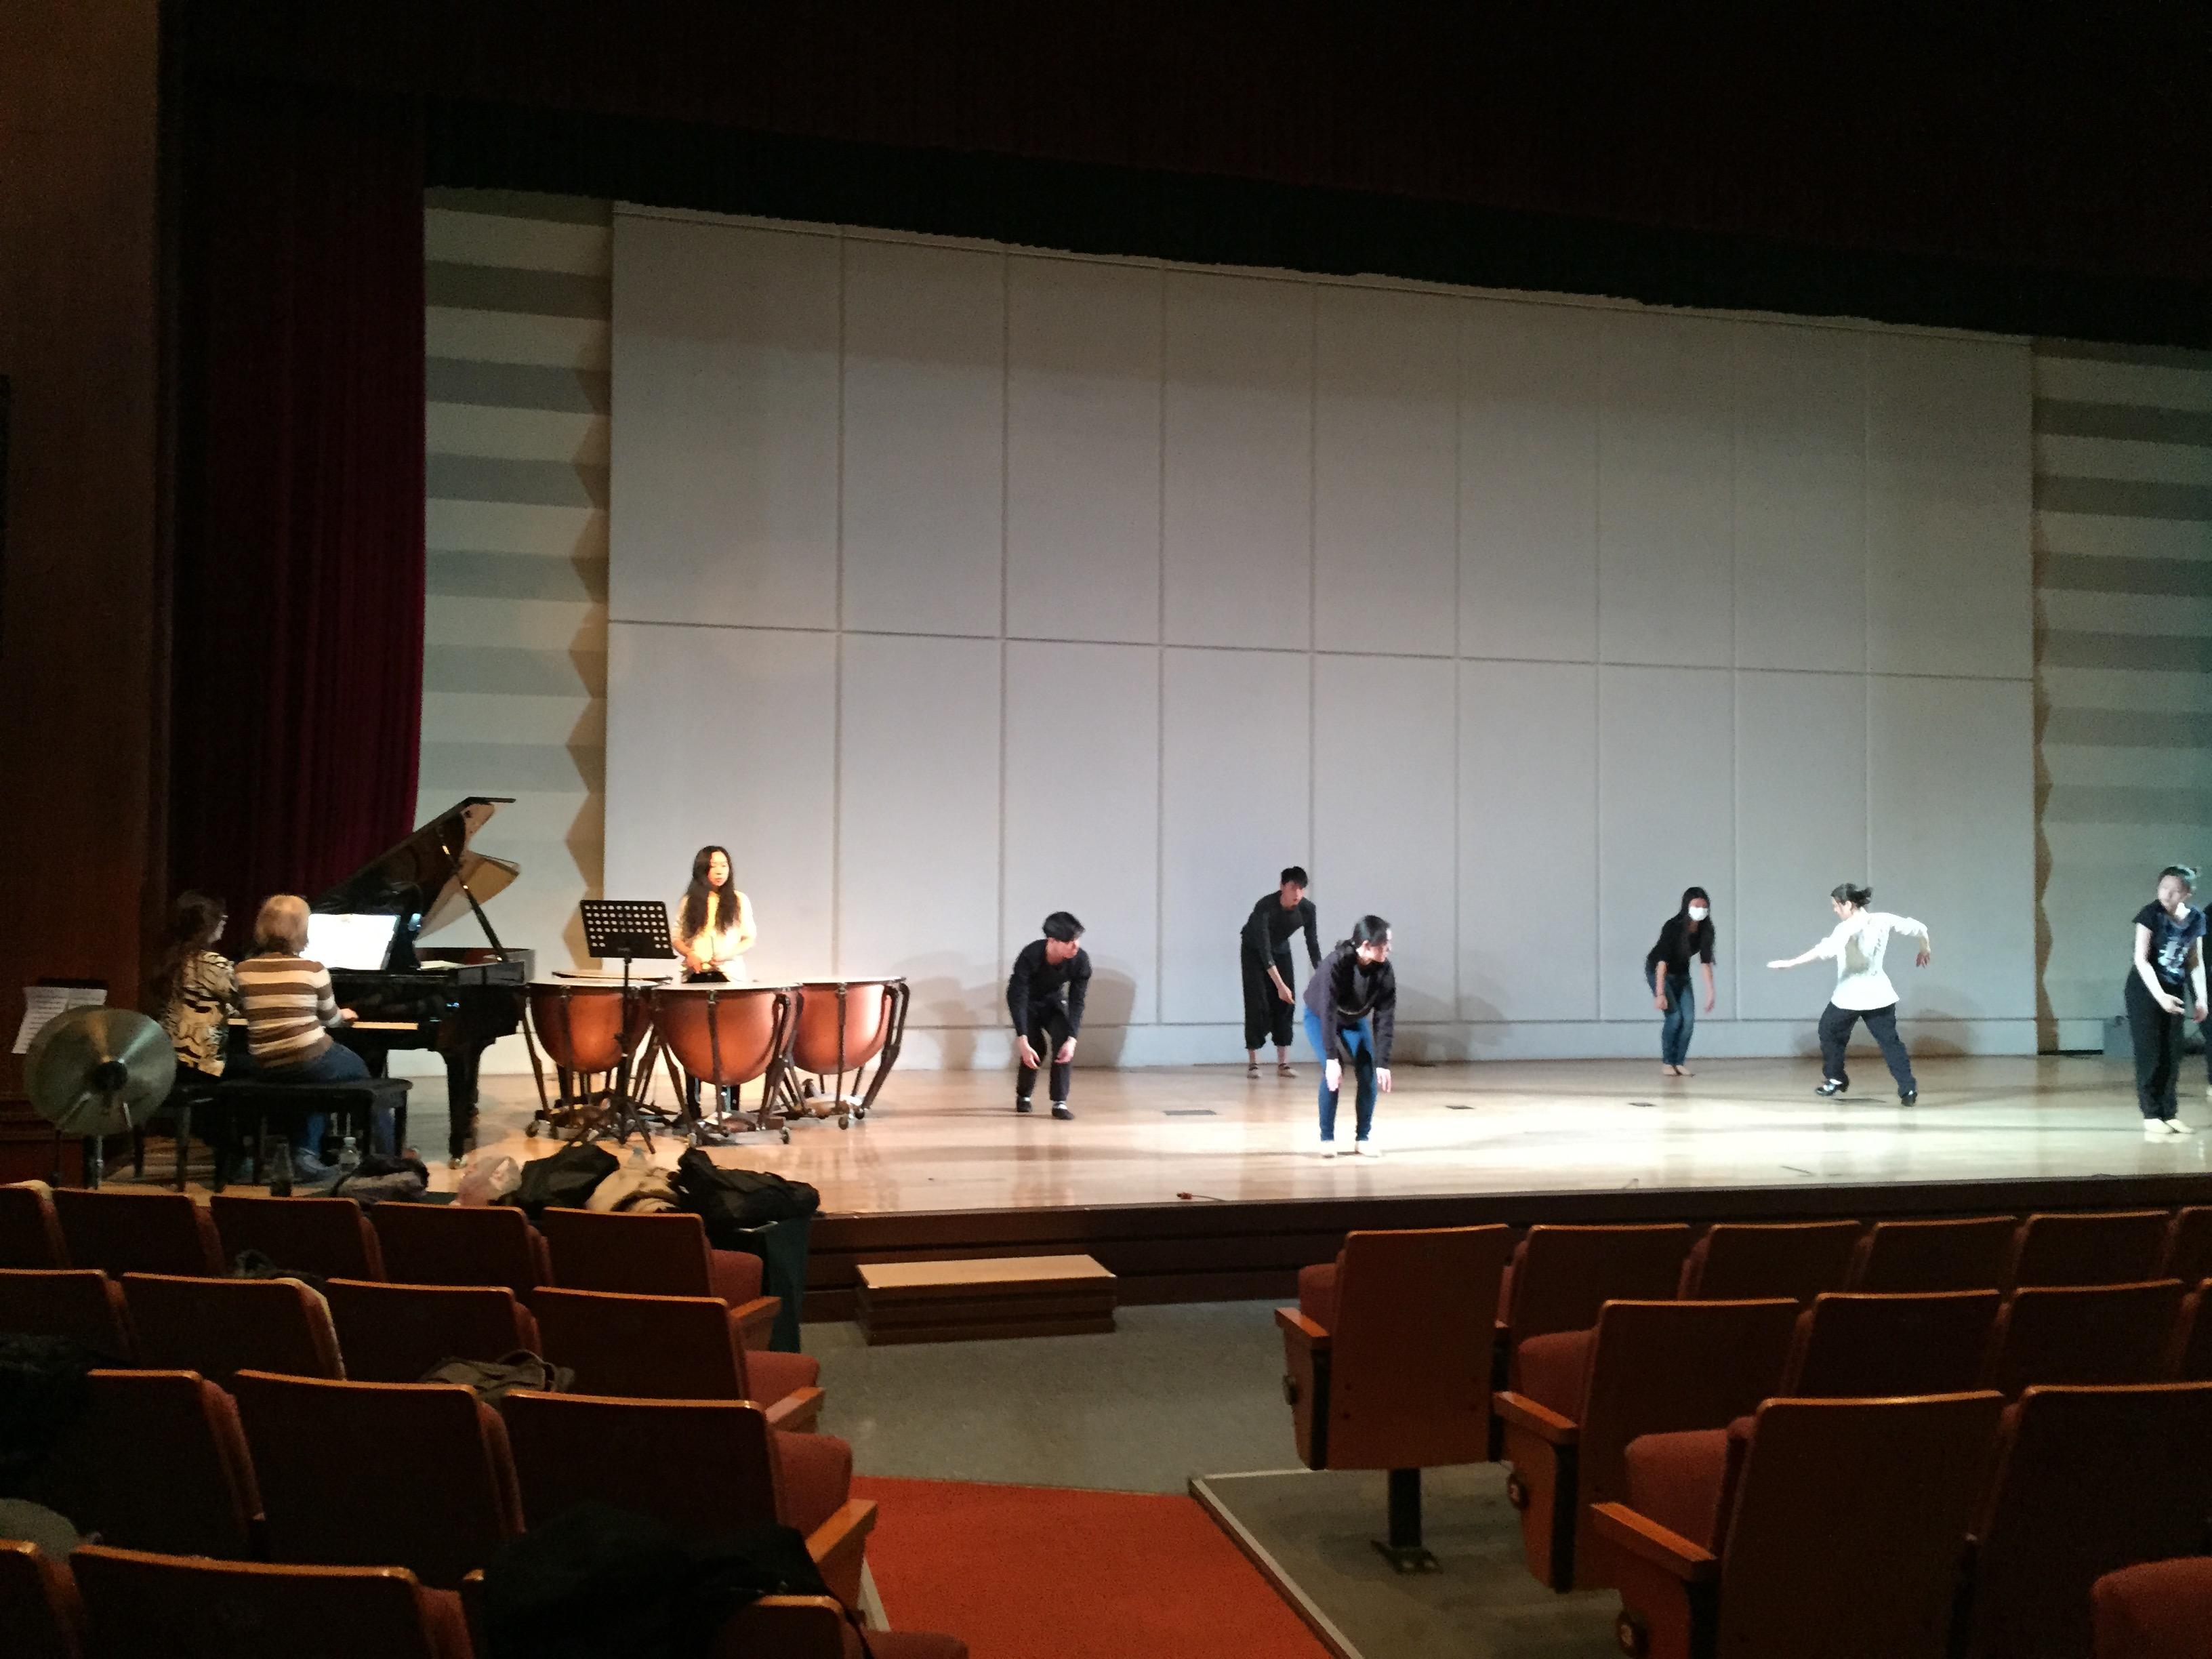 Rehearsal at PKU